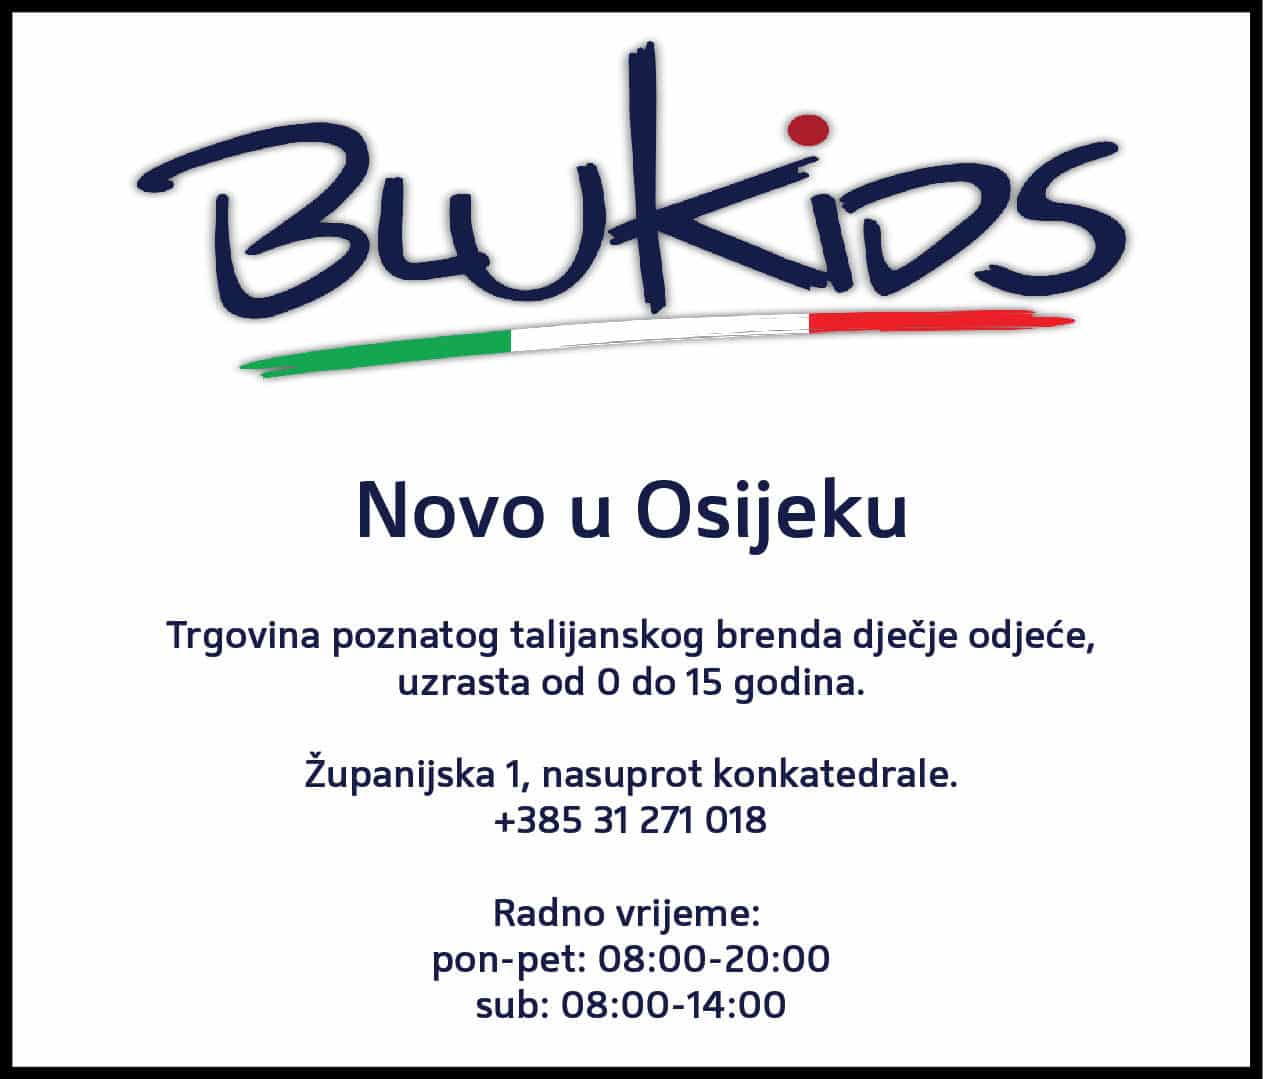 Blukids Osijek